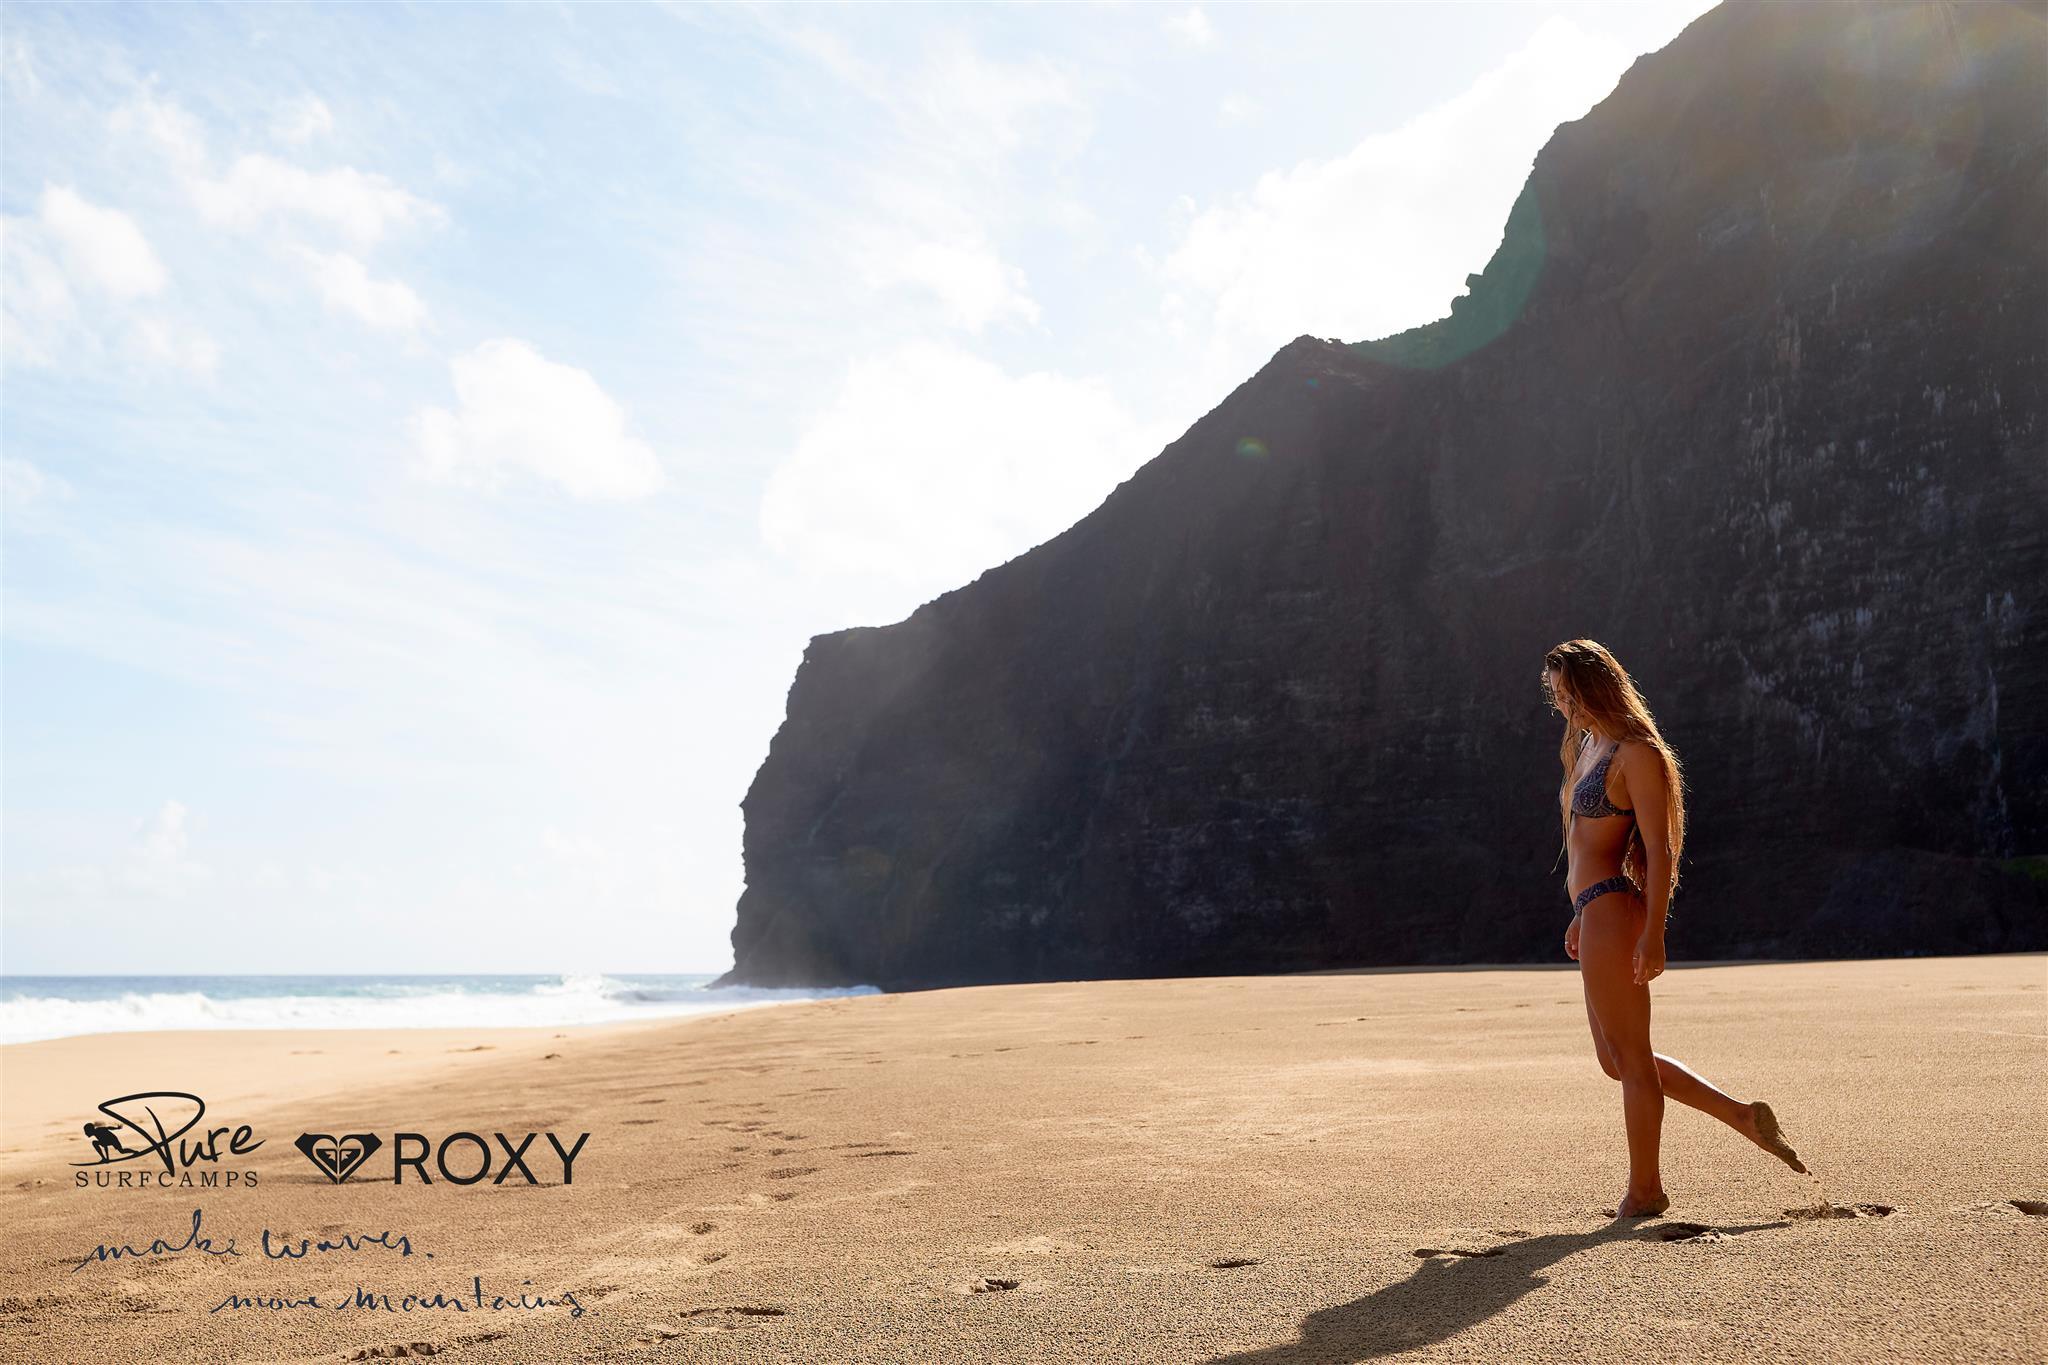 Du willst ein Jahr um die Welt reisen und die besten Spots surfen? Dann bewirb dich als ROXY Girl!